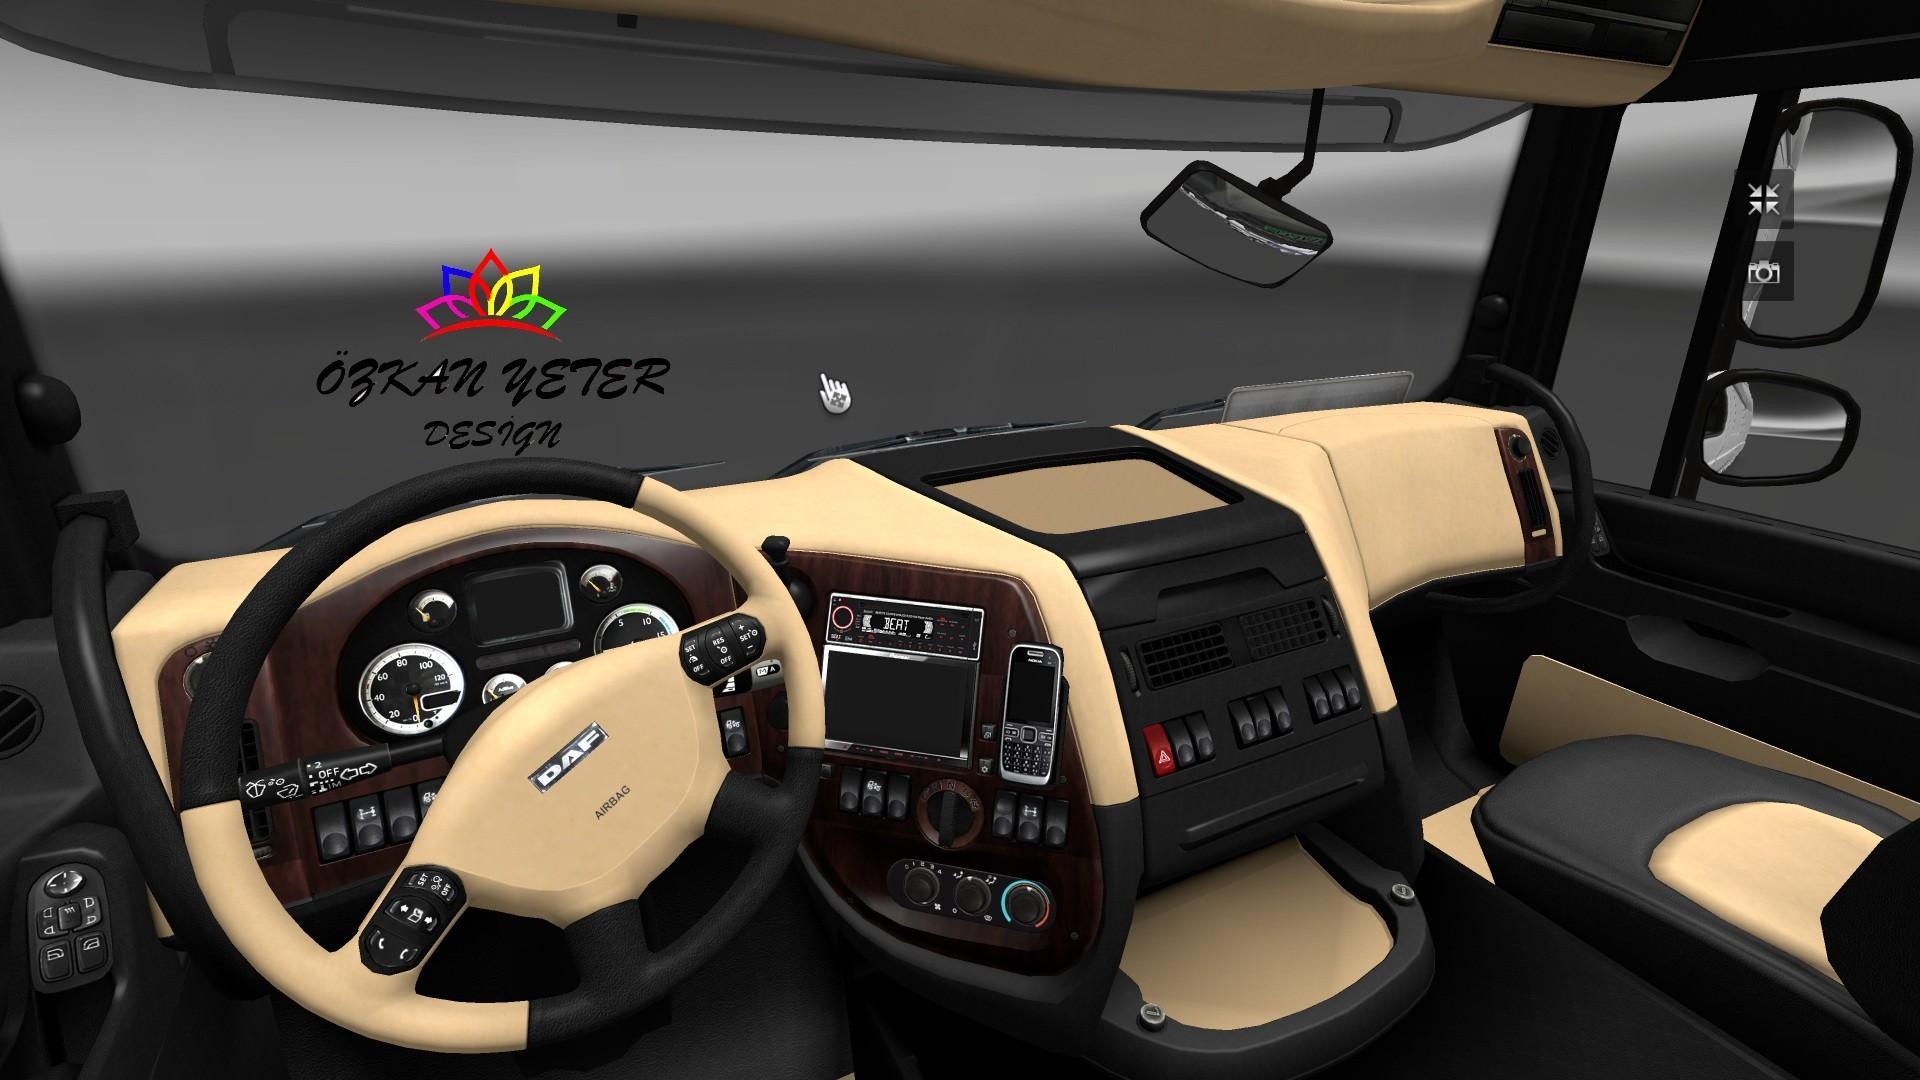 daf-xf-interior-by-ozkanyeter-1-21-x_1